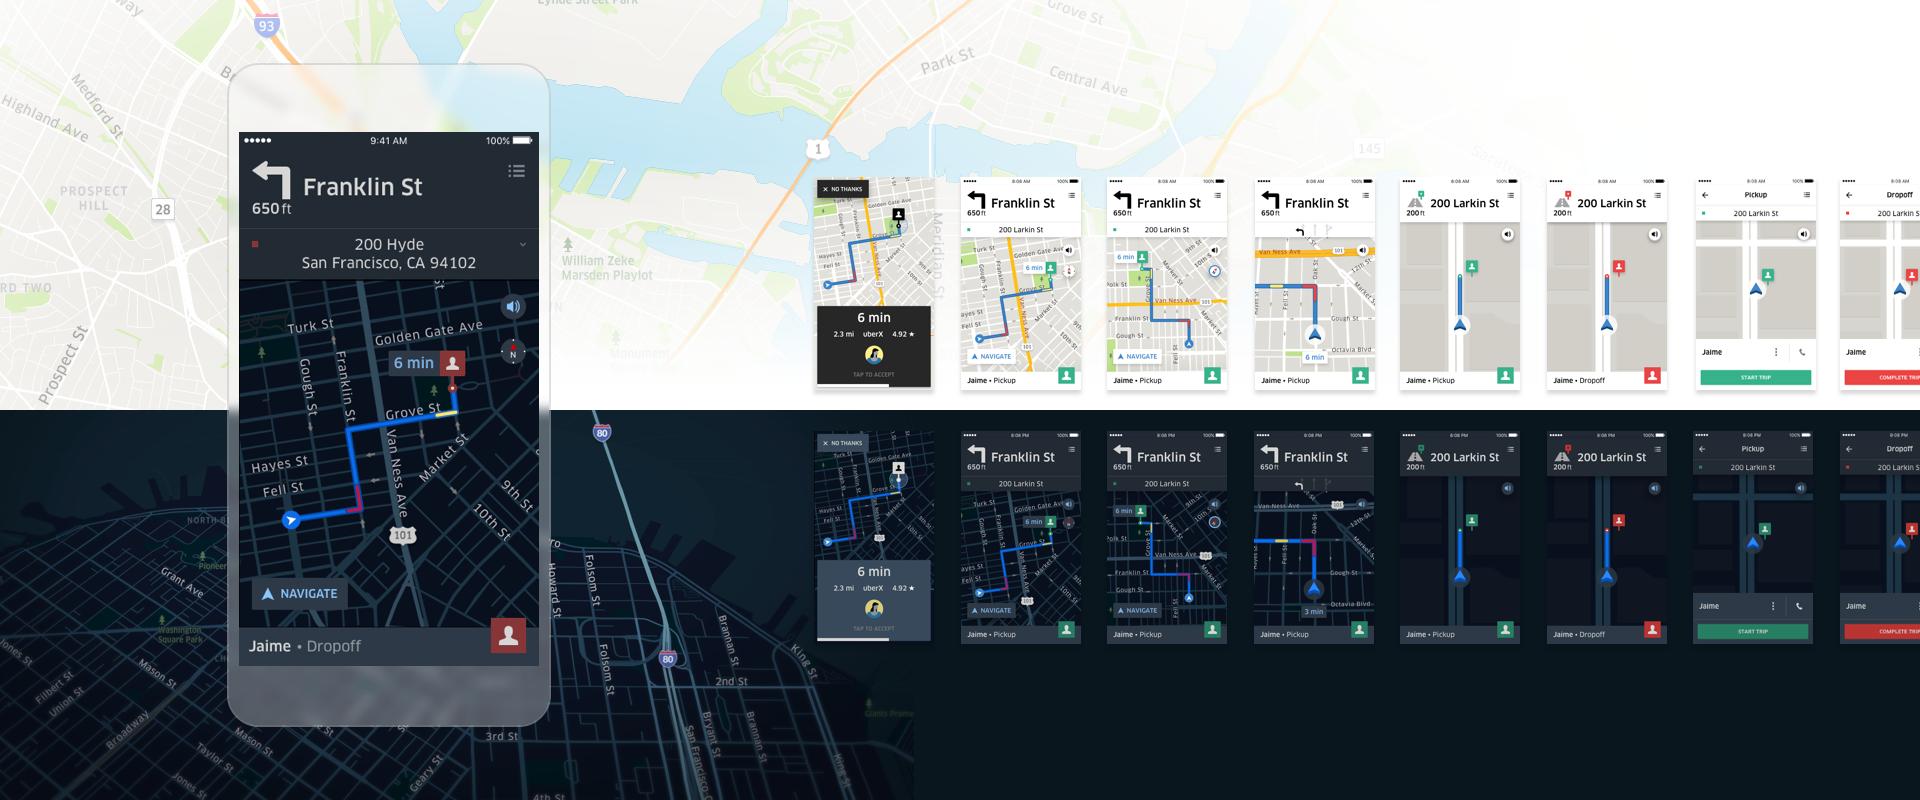 Uber Navigation. Дневной режим vs. Ночной режим